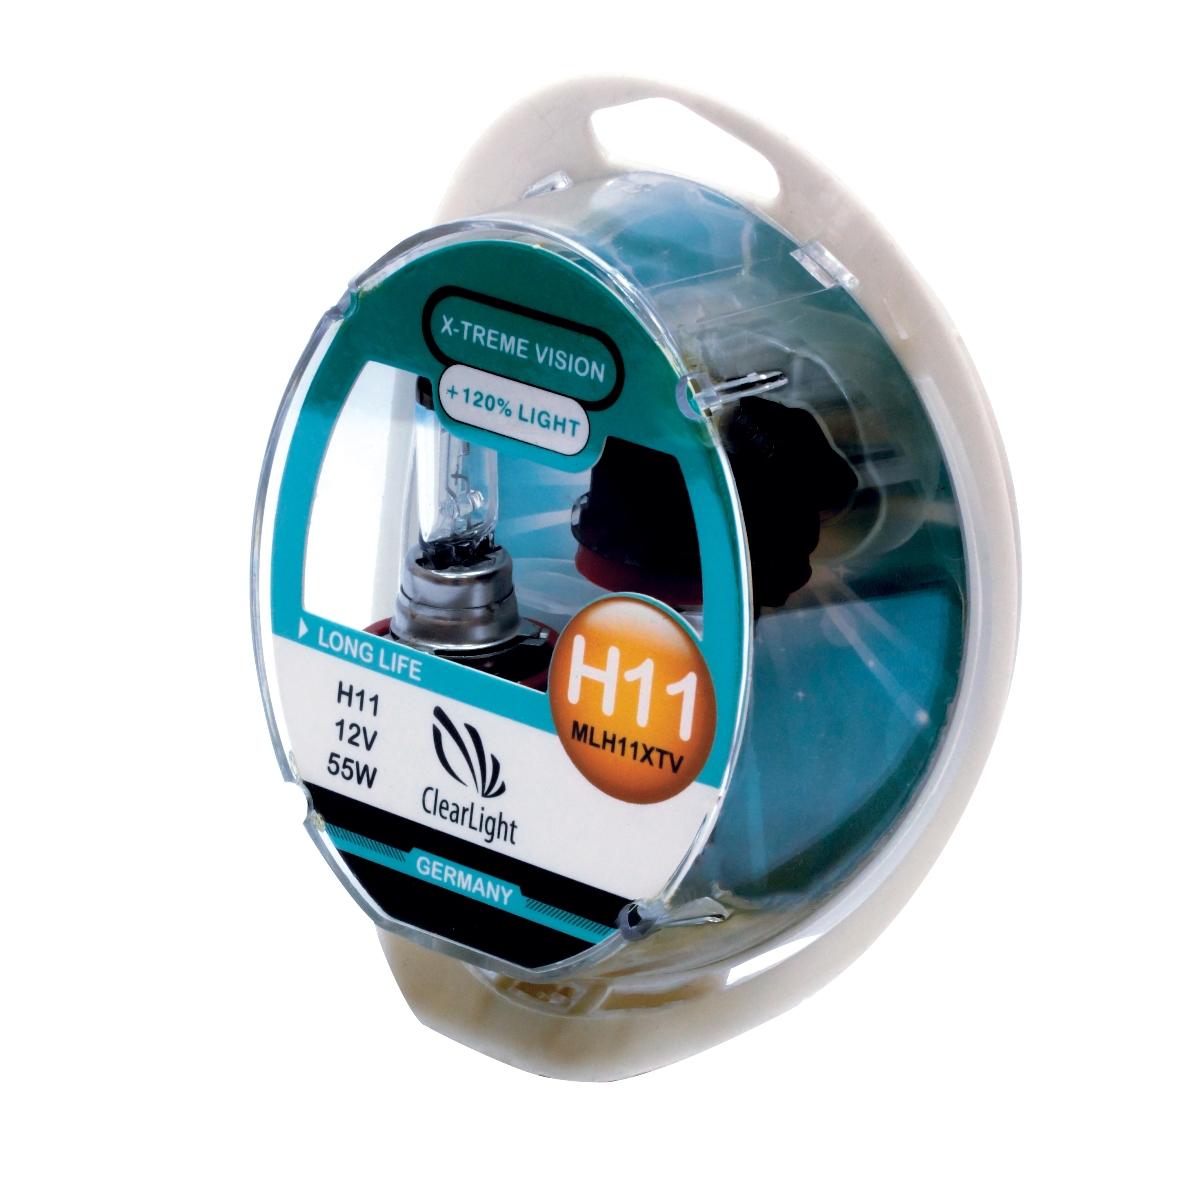 Лампа автомобильная галогенная Clearlight H11 X-treme Vision +120% Light, 2 штMLH11XTV120X-treme Vision Дает увеличенный на 120% световой поток по сравнению со стандартными лампами, сохранив регламентированные стандарты мощности за счет увеличения длины нити накаливания, дополнительных витков спирали и специального состава газа в колбе. Цветовая температура смещена в сектор белого света, вместо желтоватого оттенка. Оптимальна для прохождения техосмотра и идеально подходит как для линзованной оптики, так и для обычных отражателей FF.